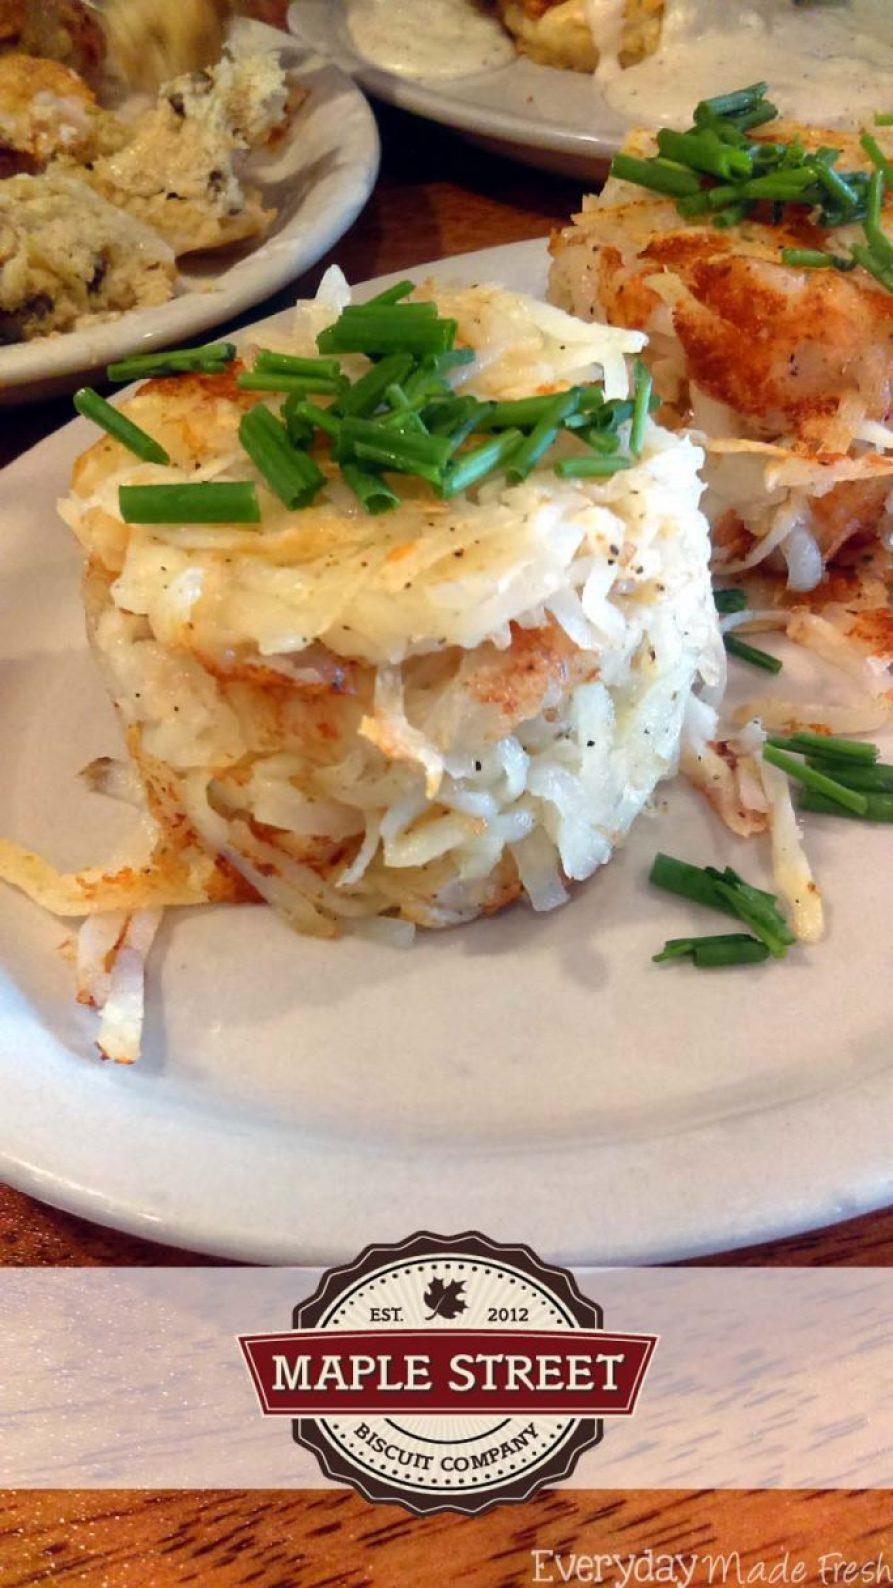 Best Brunch Restaurants In Jacksonville Fl